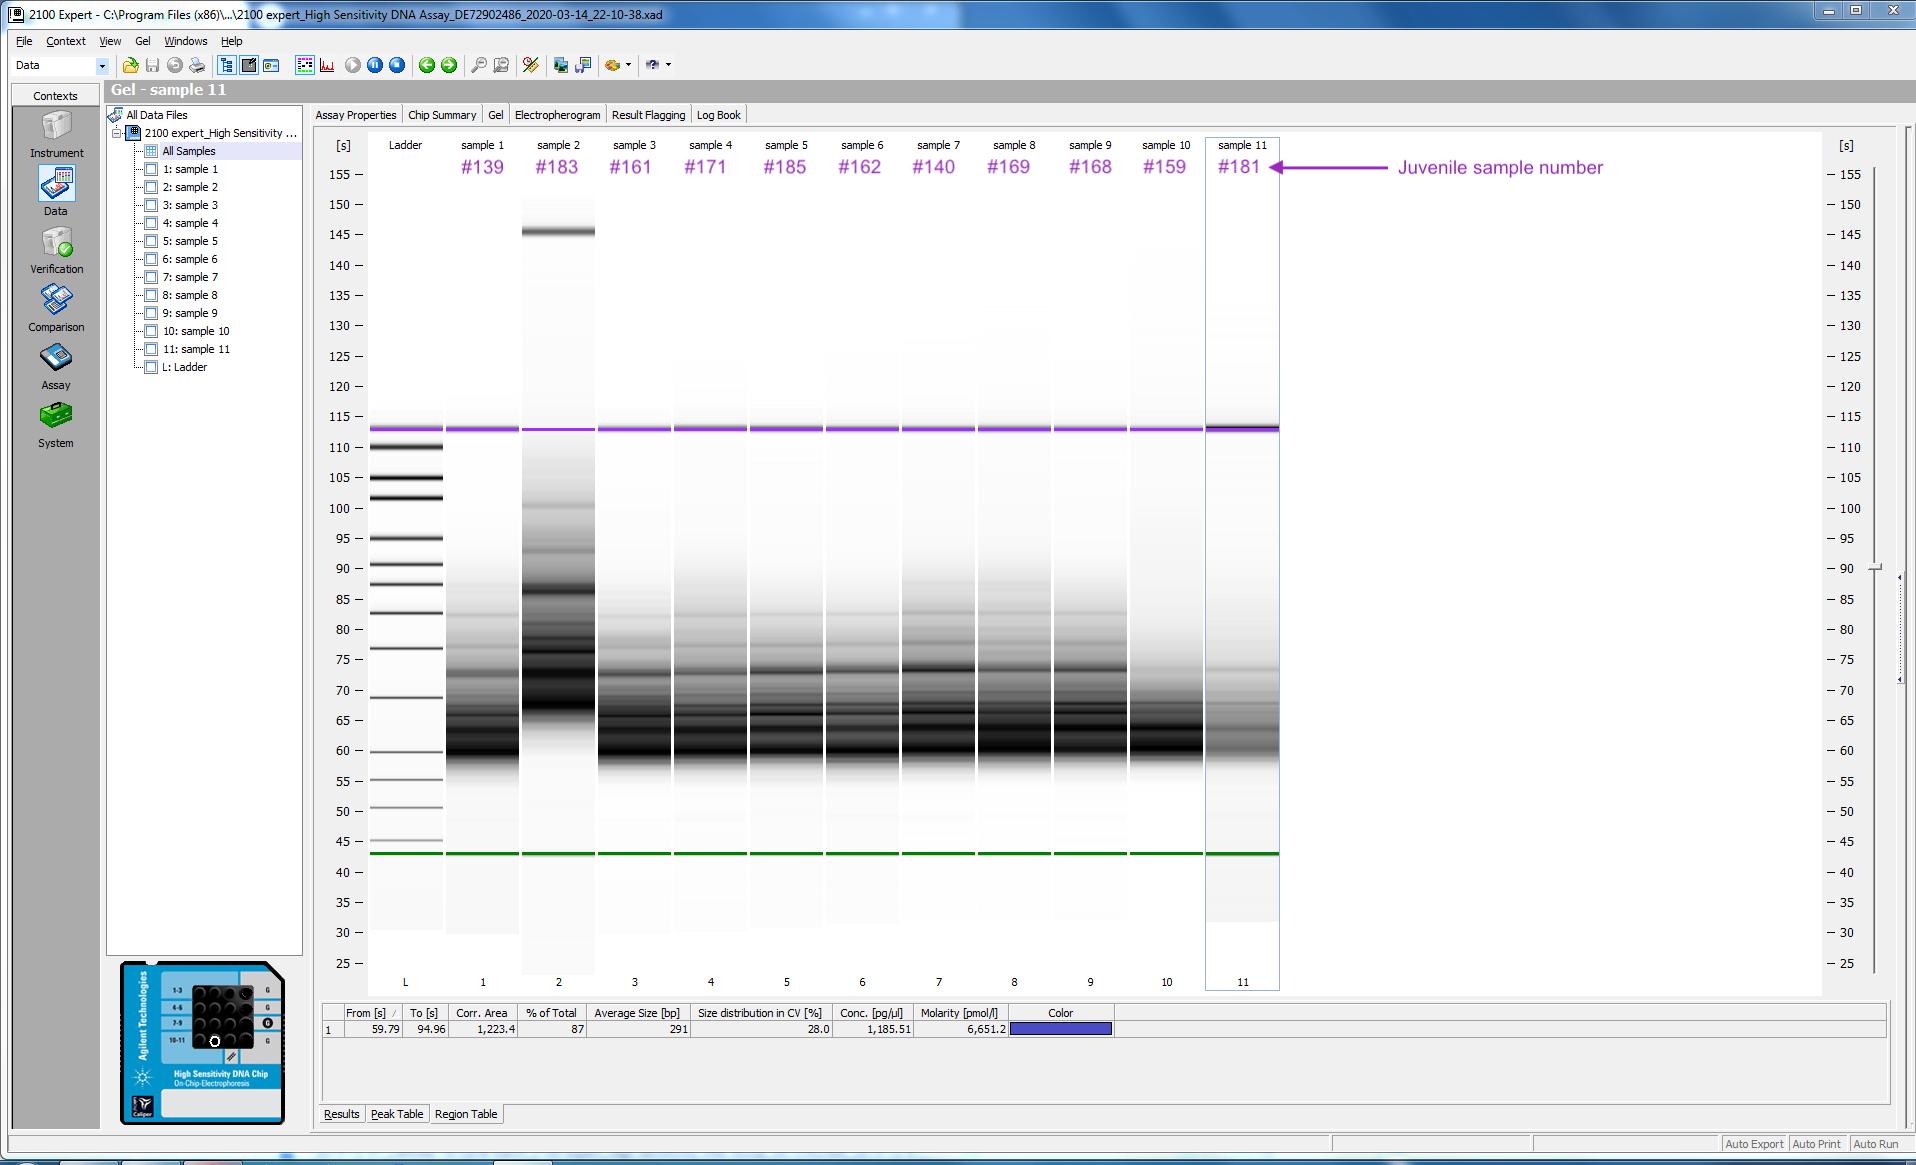 2020-03-14_quantseq-juvenile_dsDNA-libraries-gels